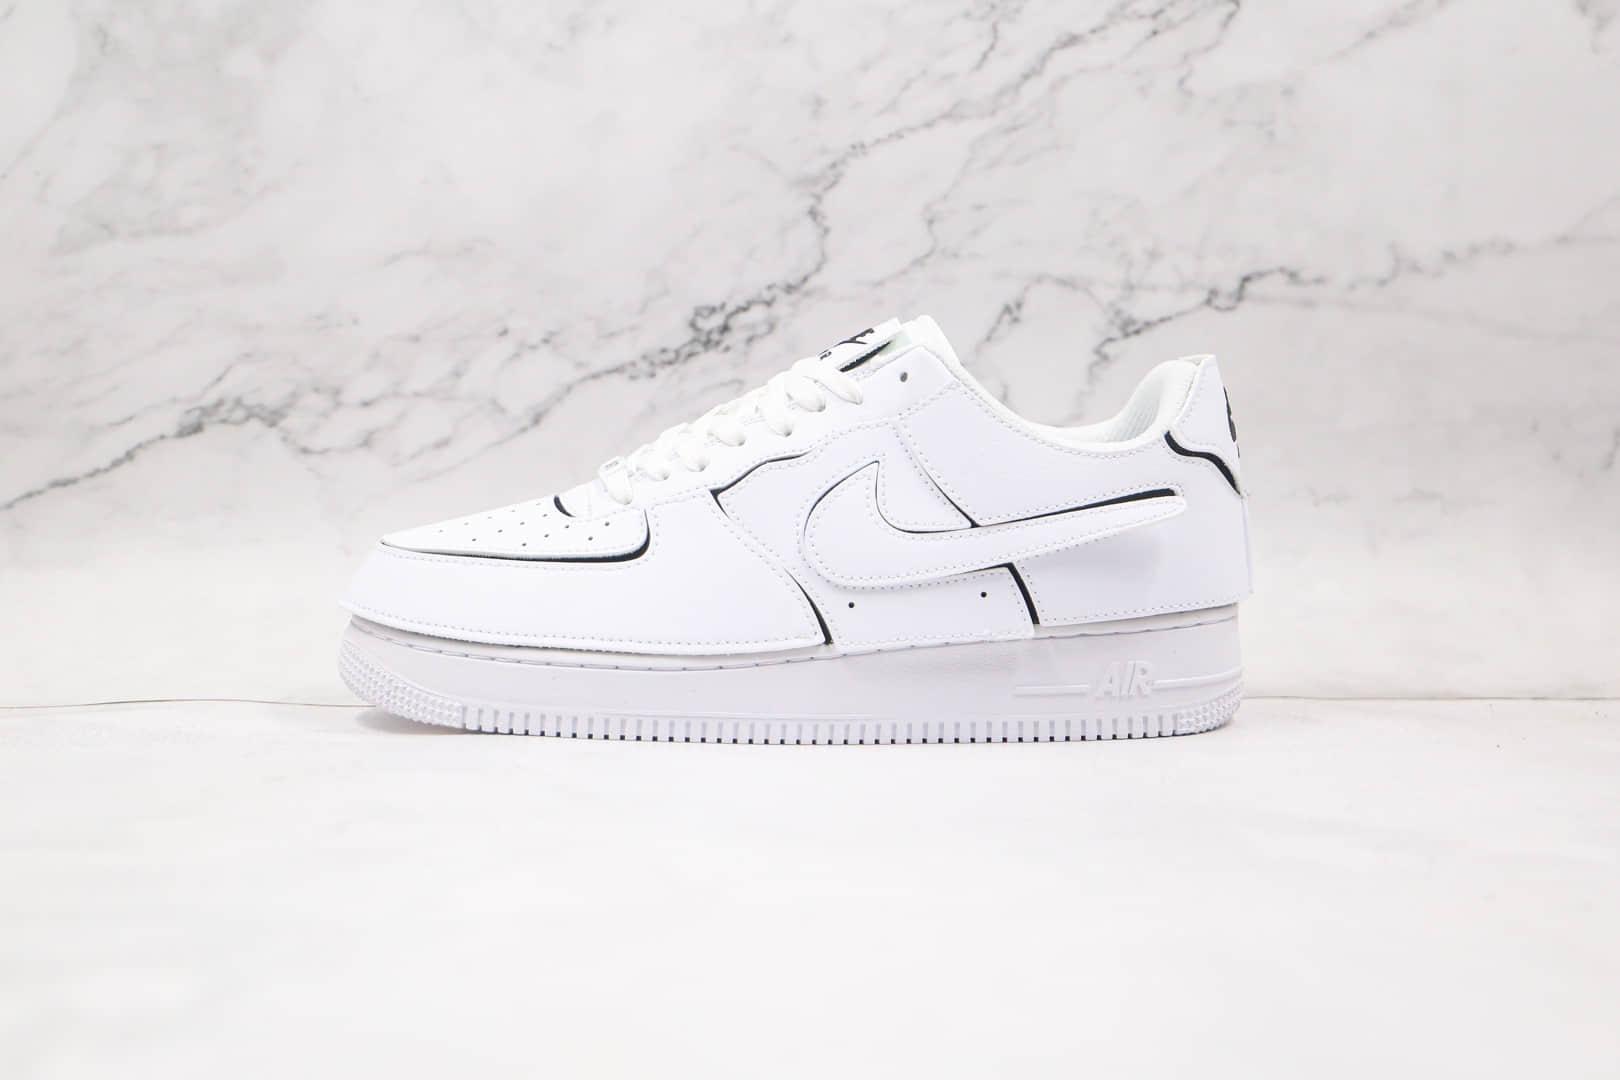 耐克Nike Air Force 1 Low纯原版本低帮空军一号纯白橙色换勾魔术贴板鞋原楦头纸板打造 货号:CZ5093-100